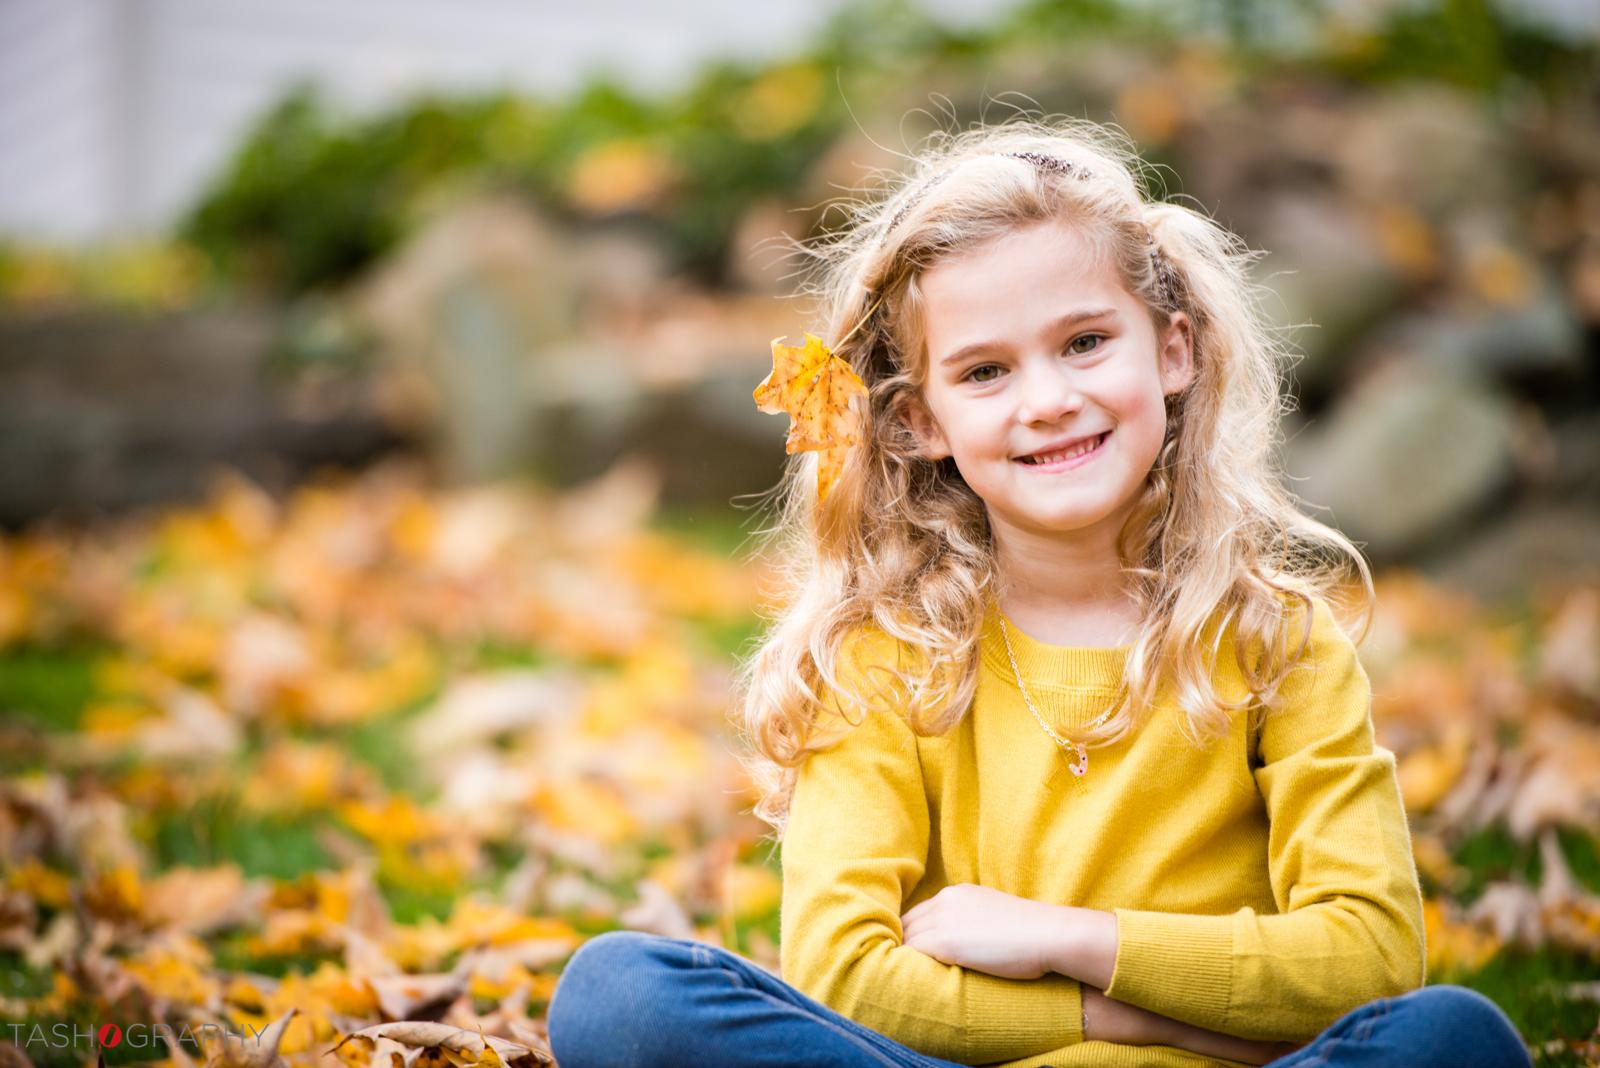 Child Photographer Stamford CT